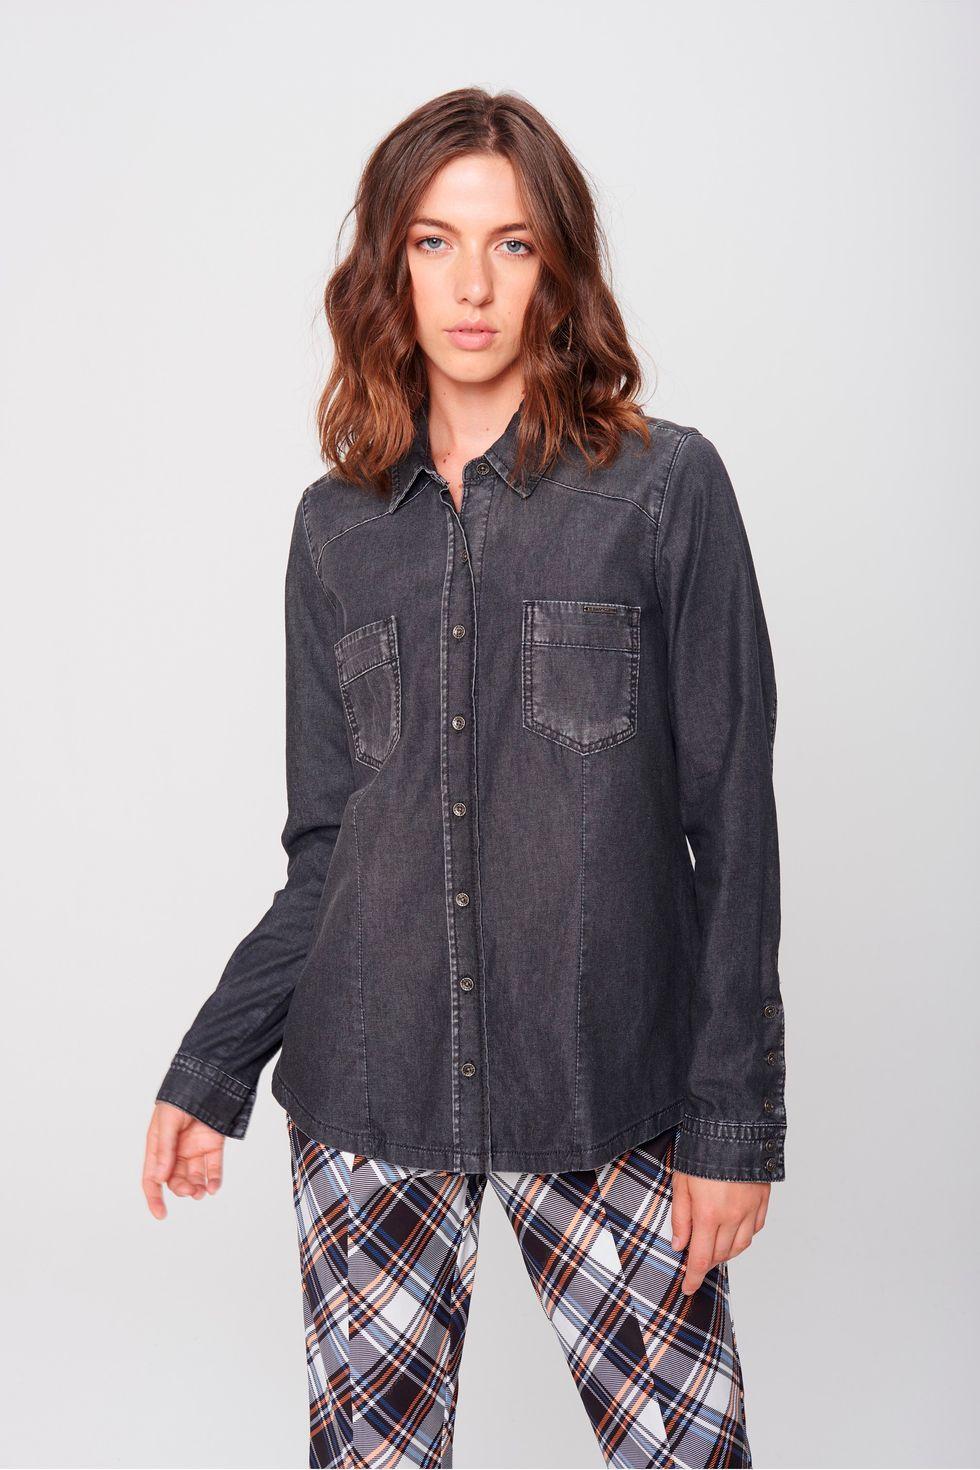 361812cb3f Camisa Jeans Feminina - Damyller